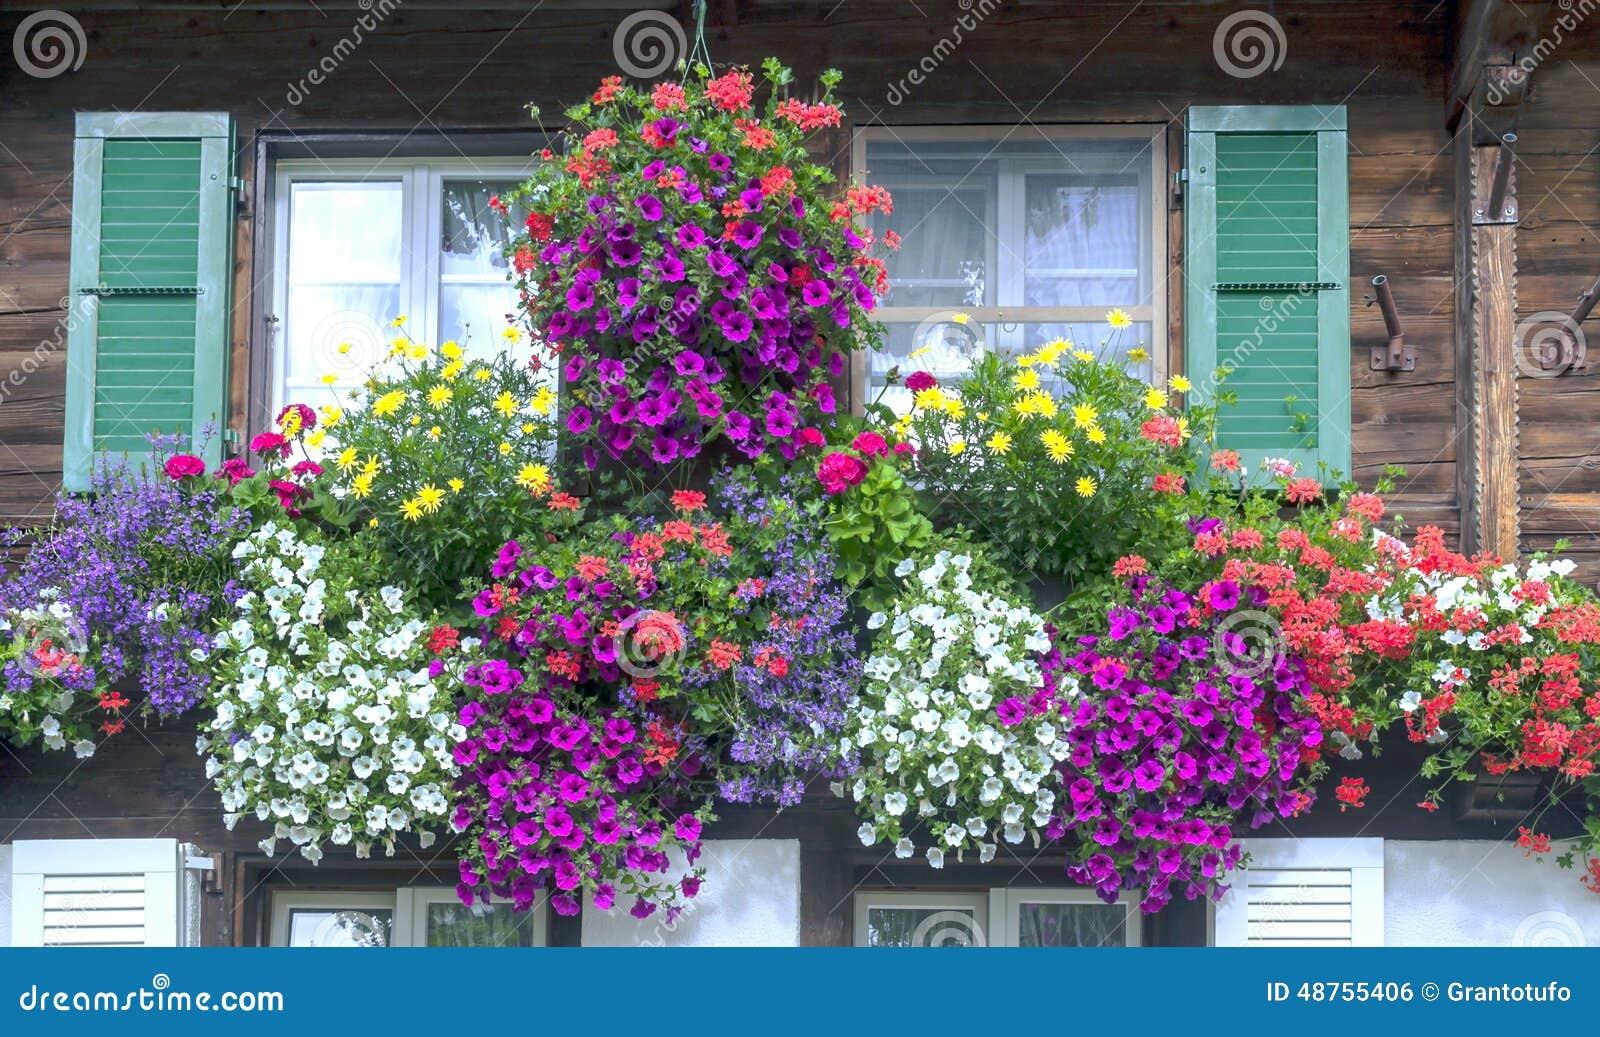 Vensters met bloemen